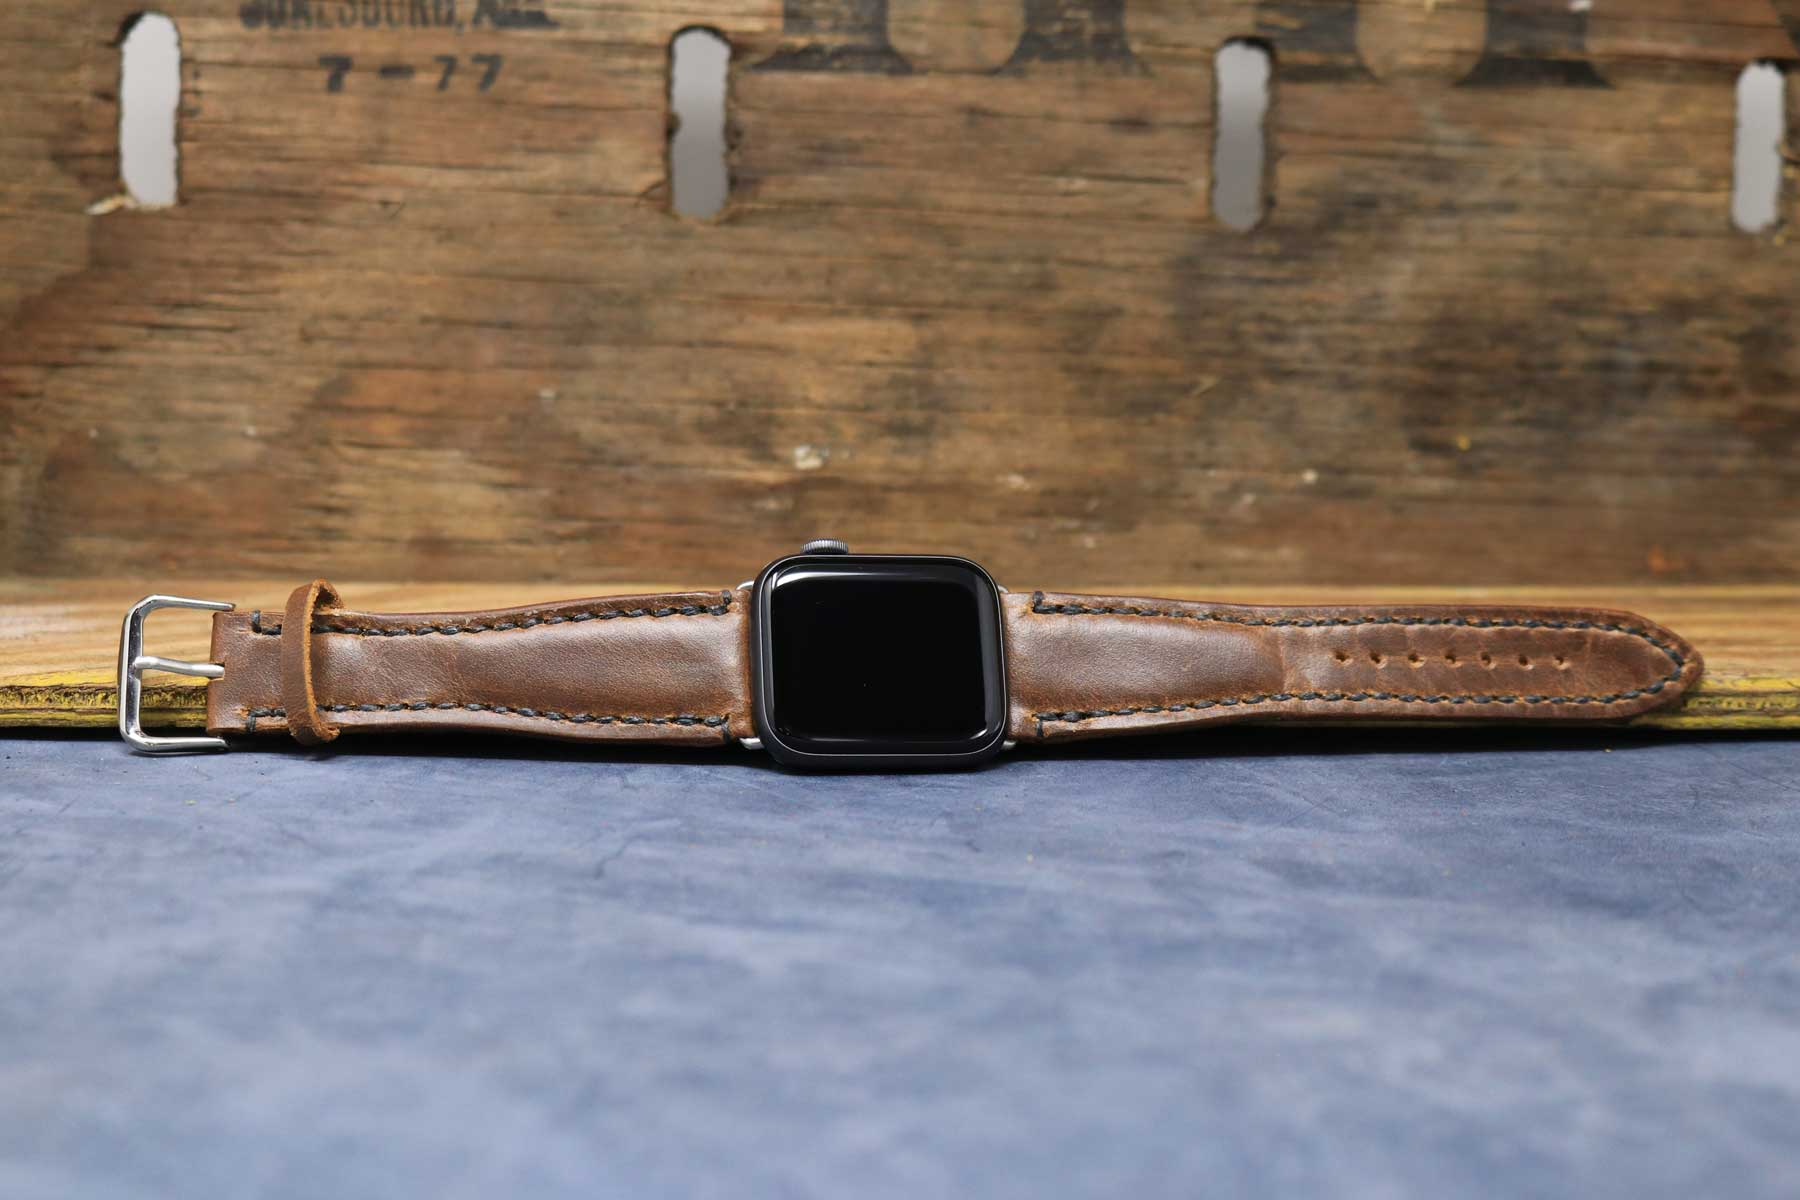 01-Watch-Strap-Brown-03.jpg